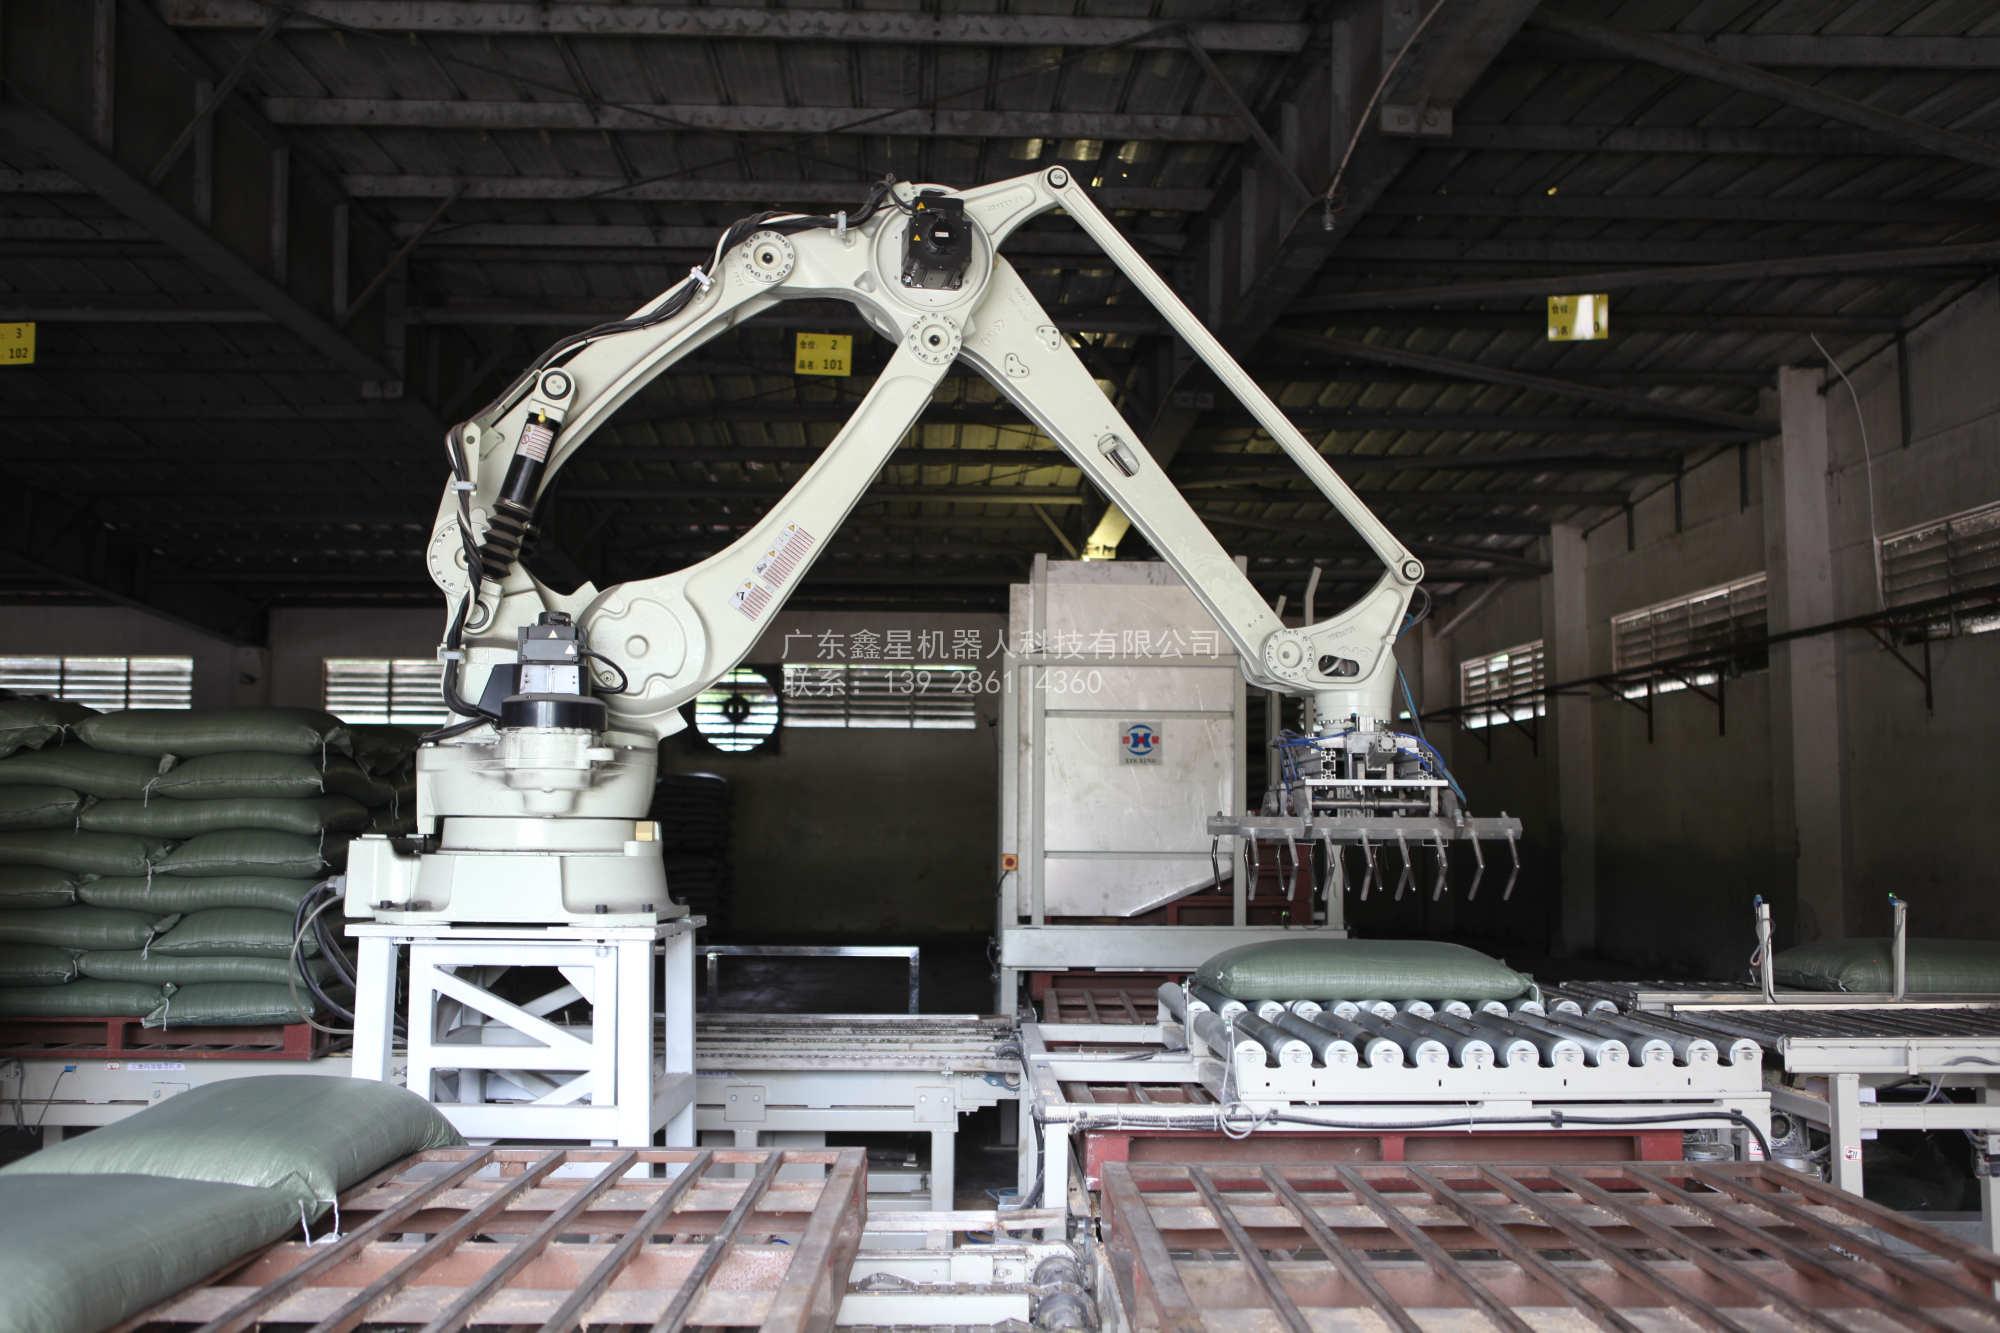 日本川崎机器人cp130l码垛机器人机械手全自动化生产线设备